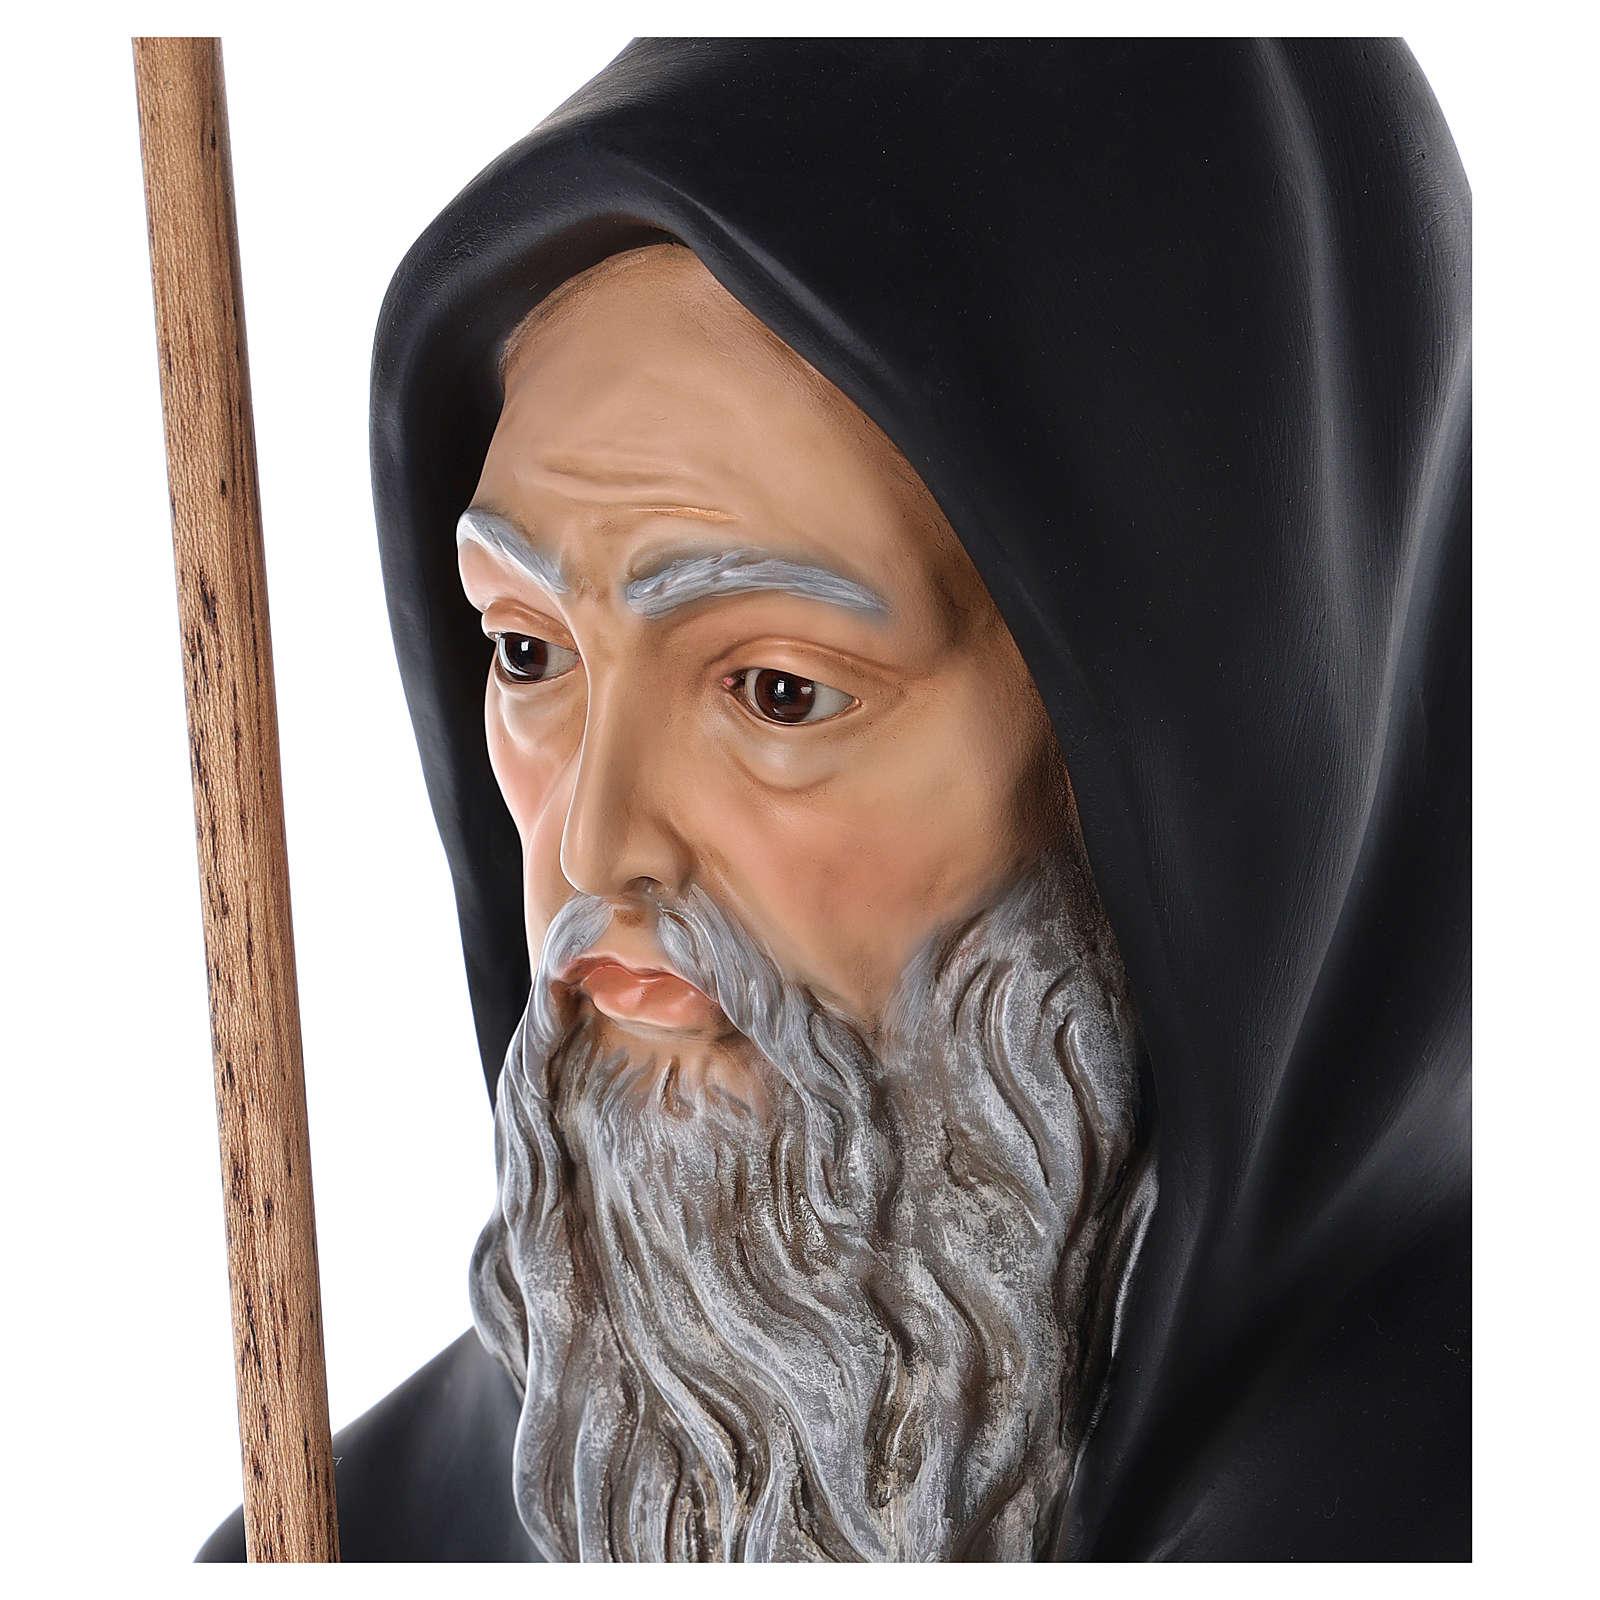 San Francesco di Paola vetroresina colorata 115 cm occhi vetro 4